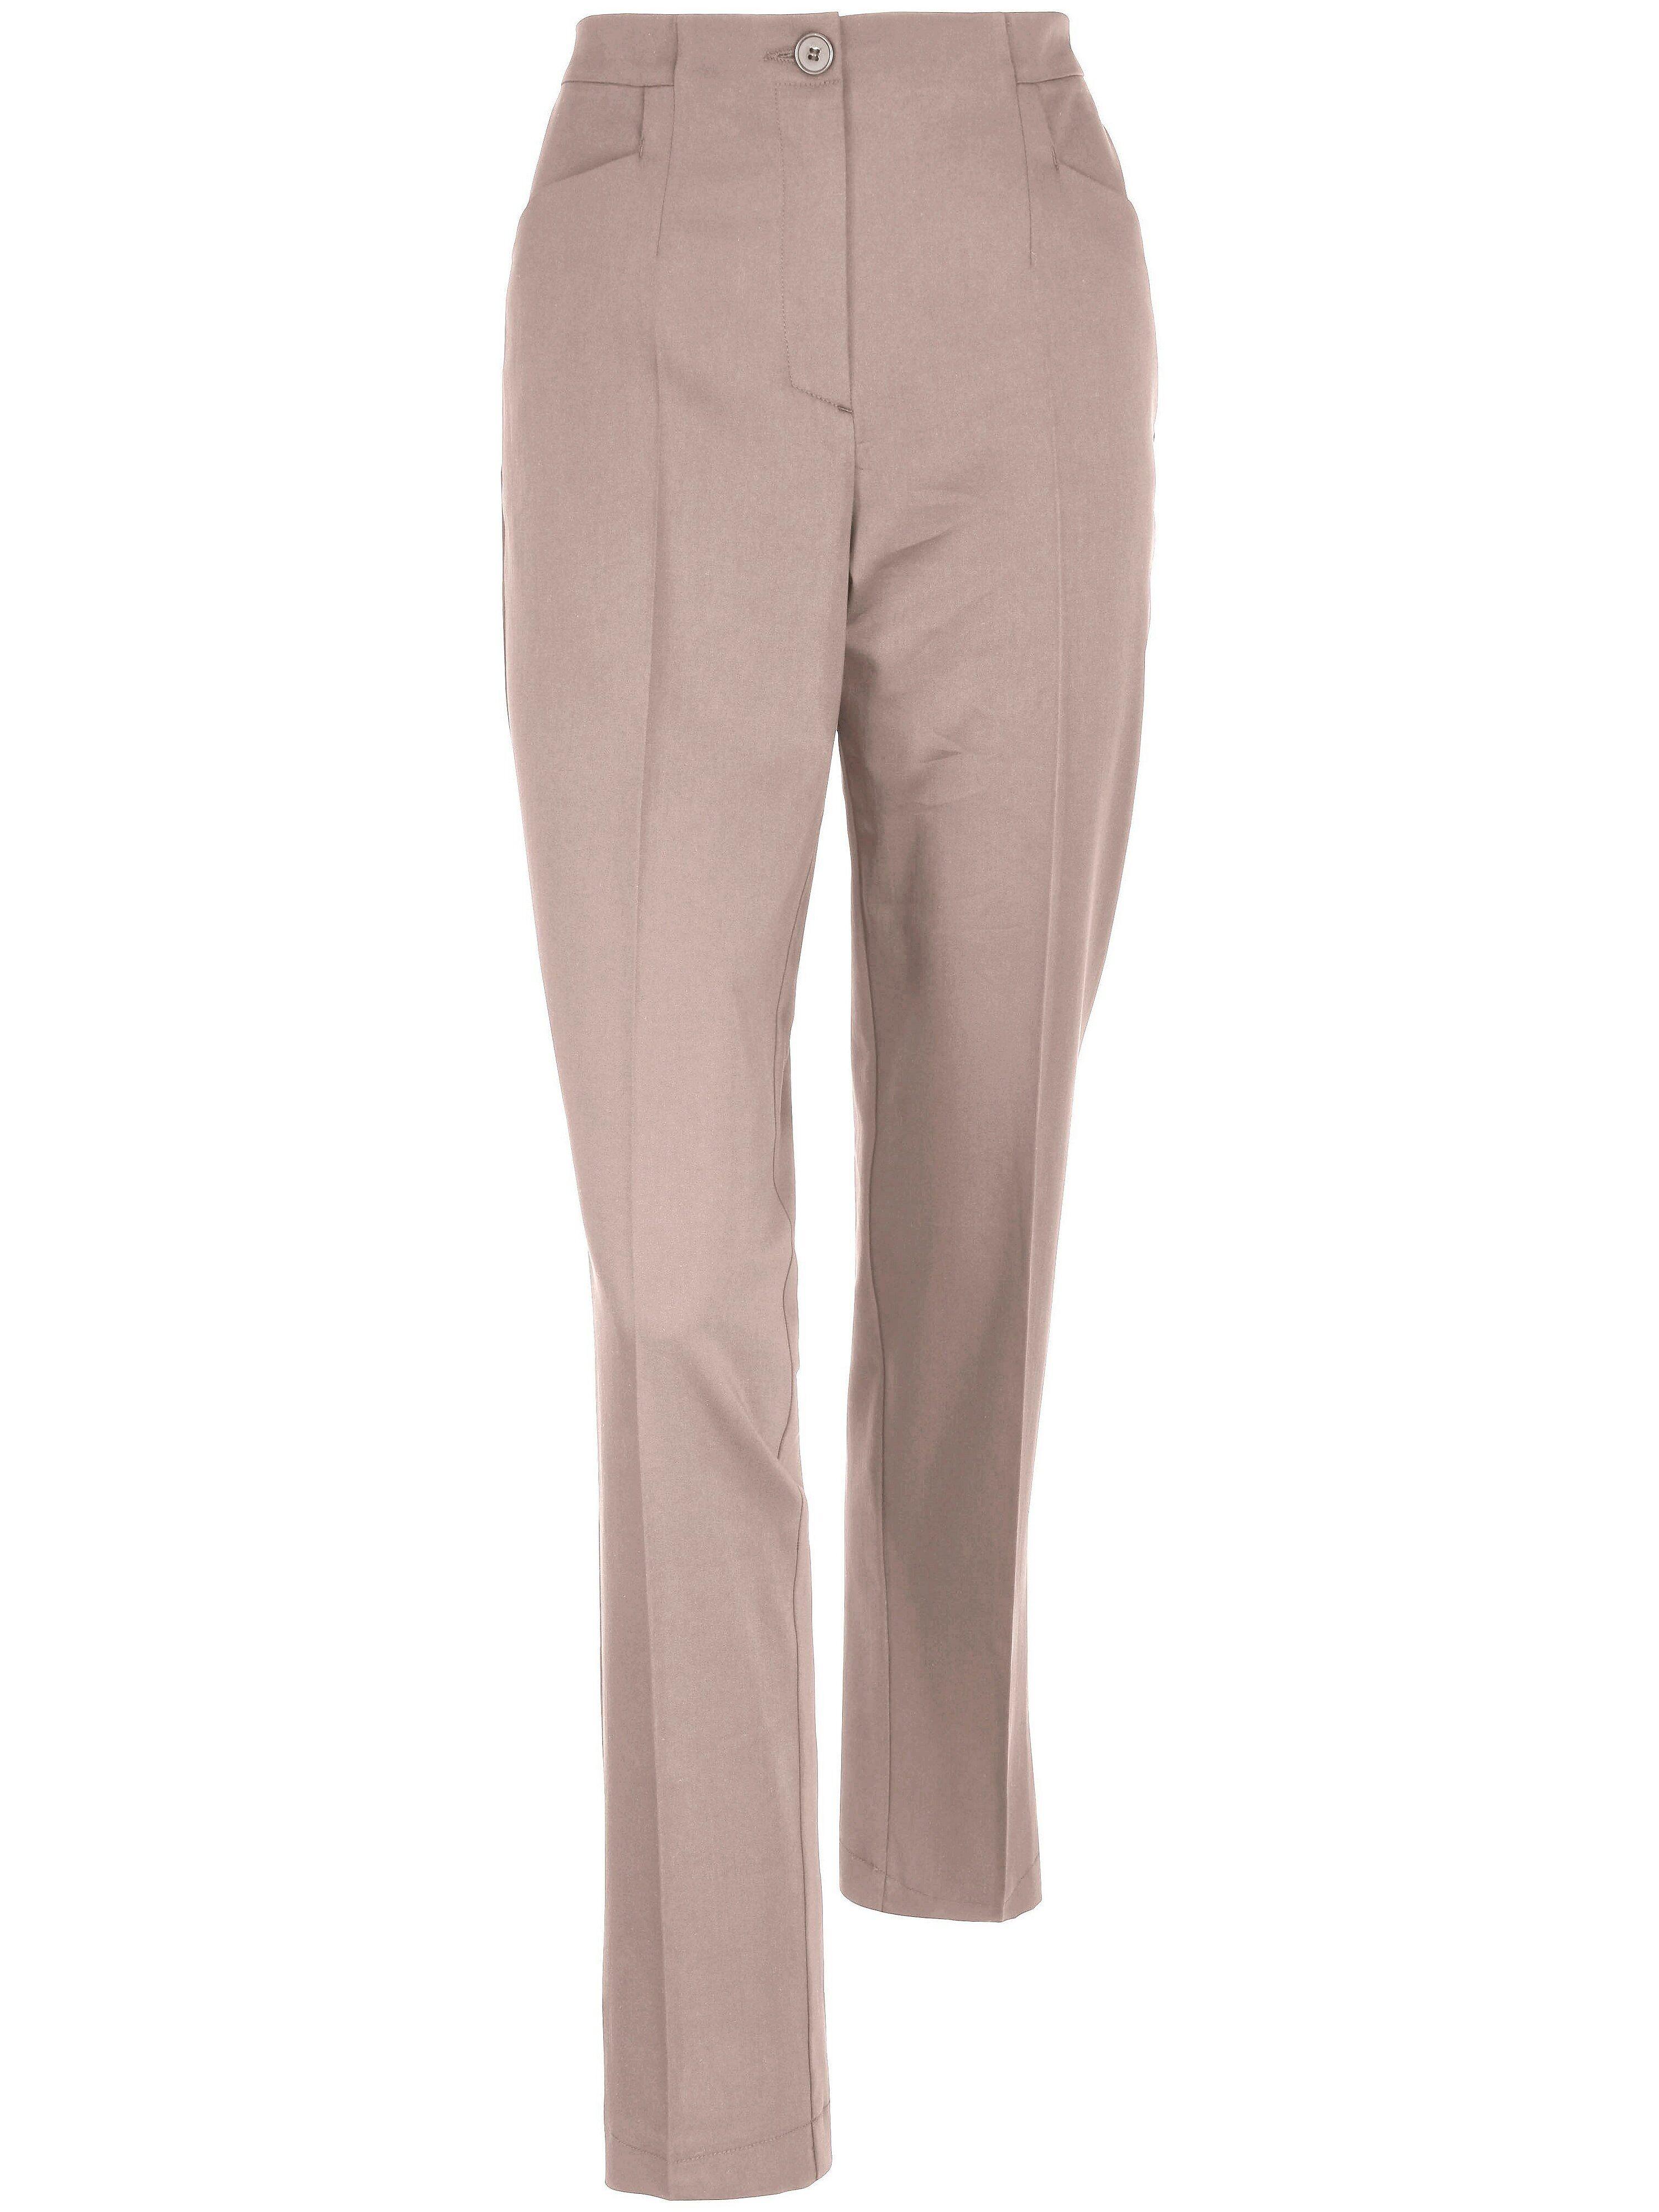 Peter Hahn Le pantalon facile d'entretien  Peter Hahn beige  - Femme - 20